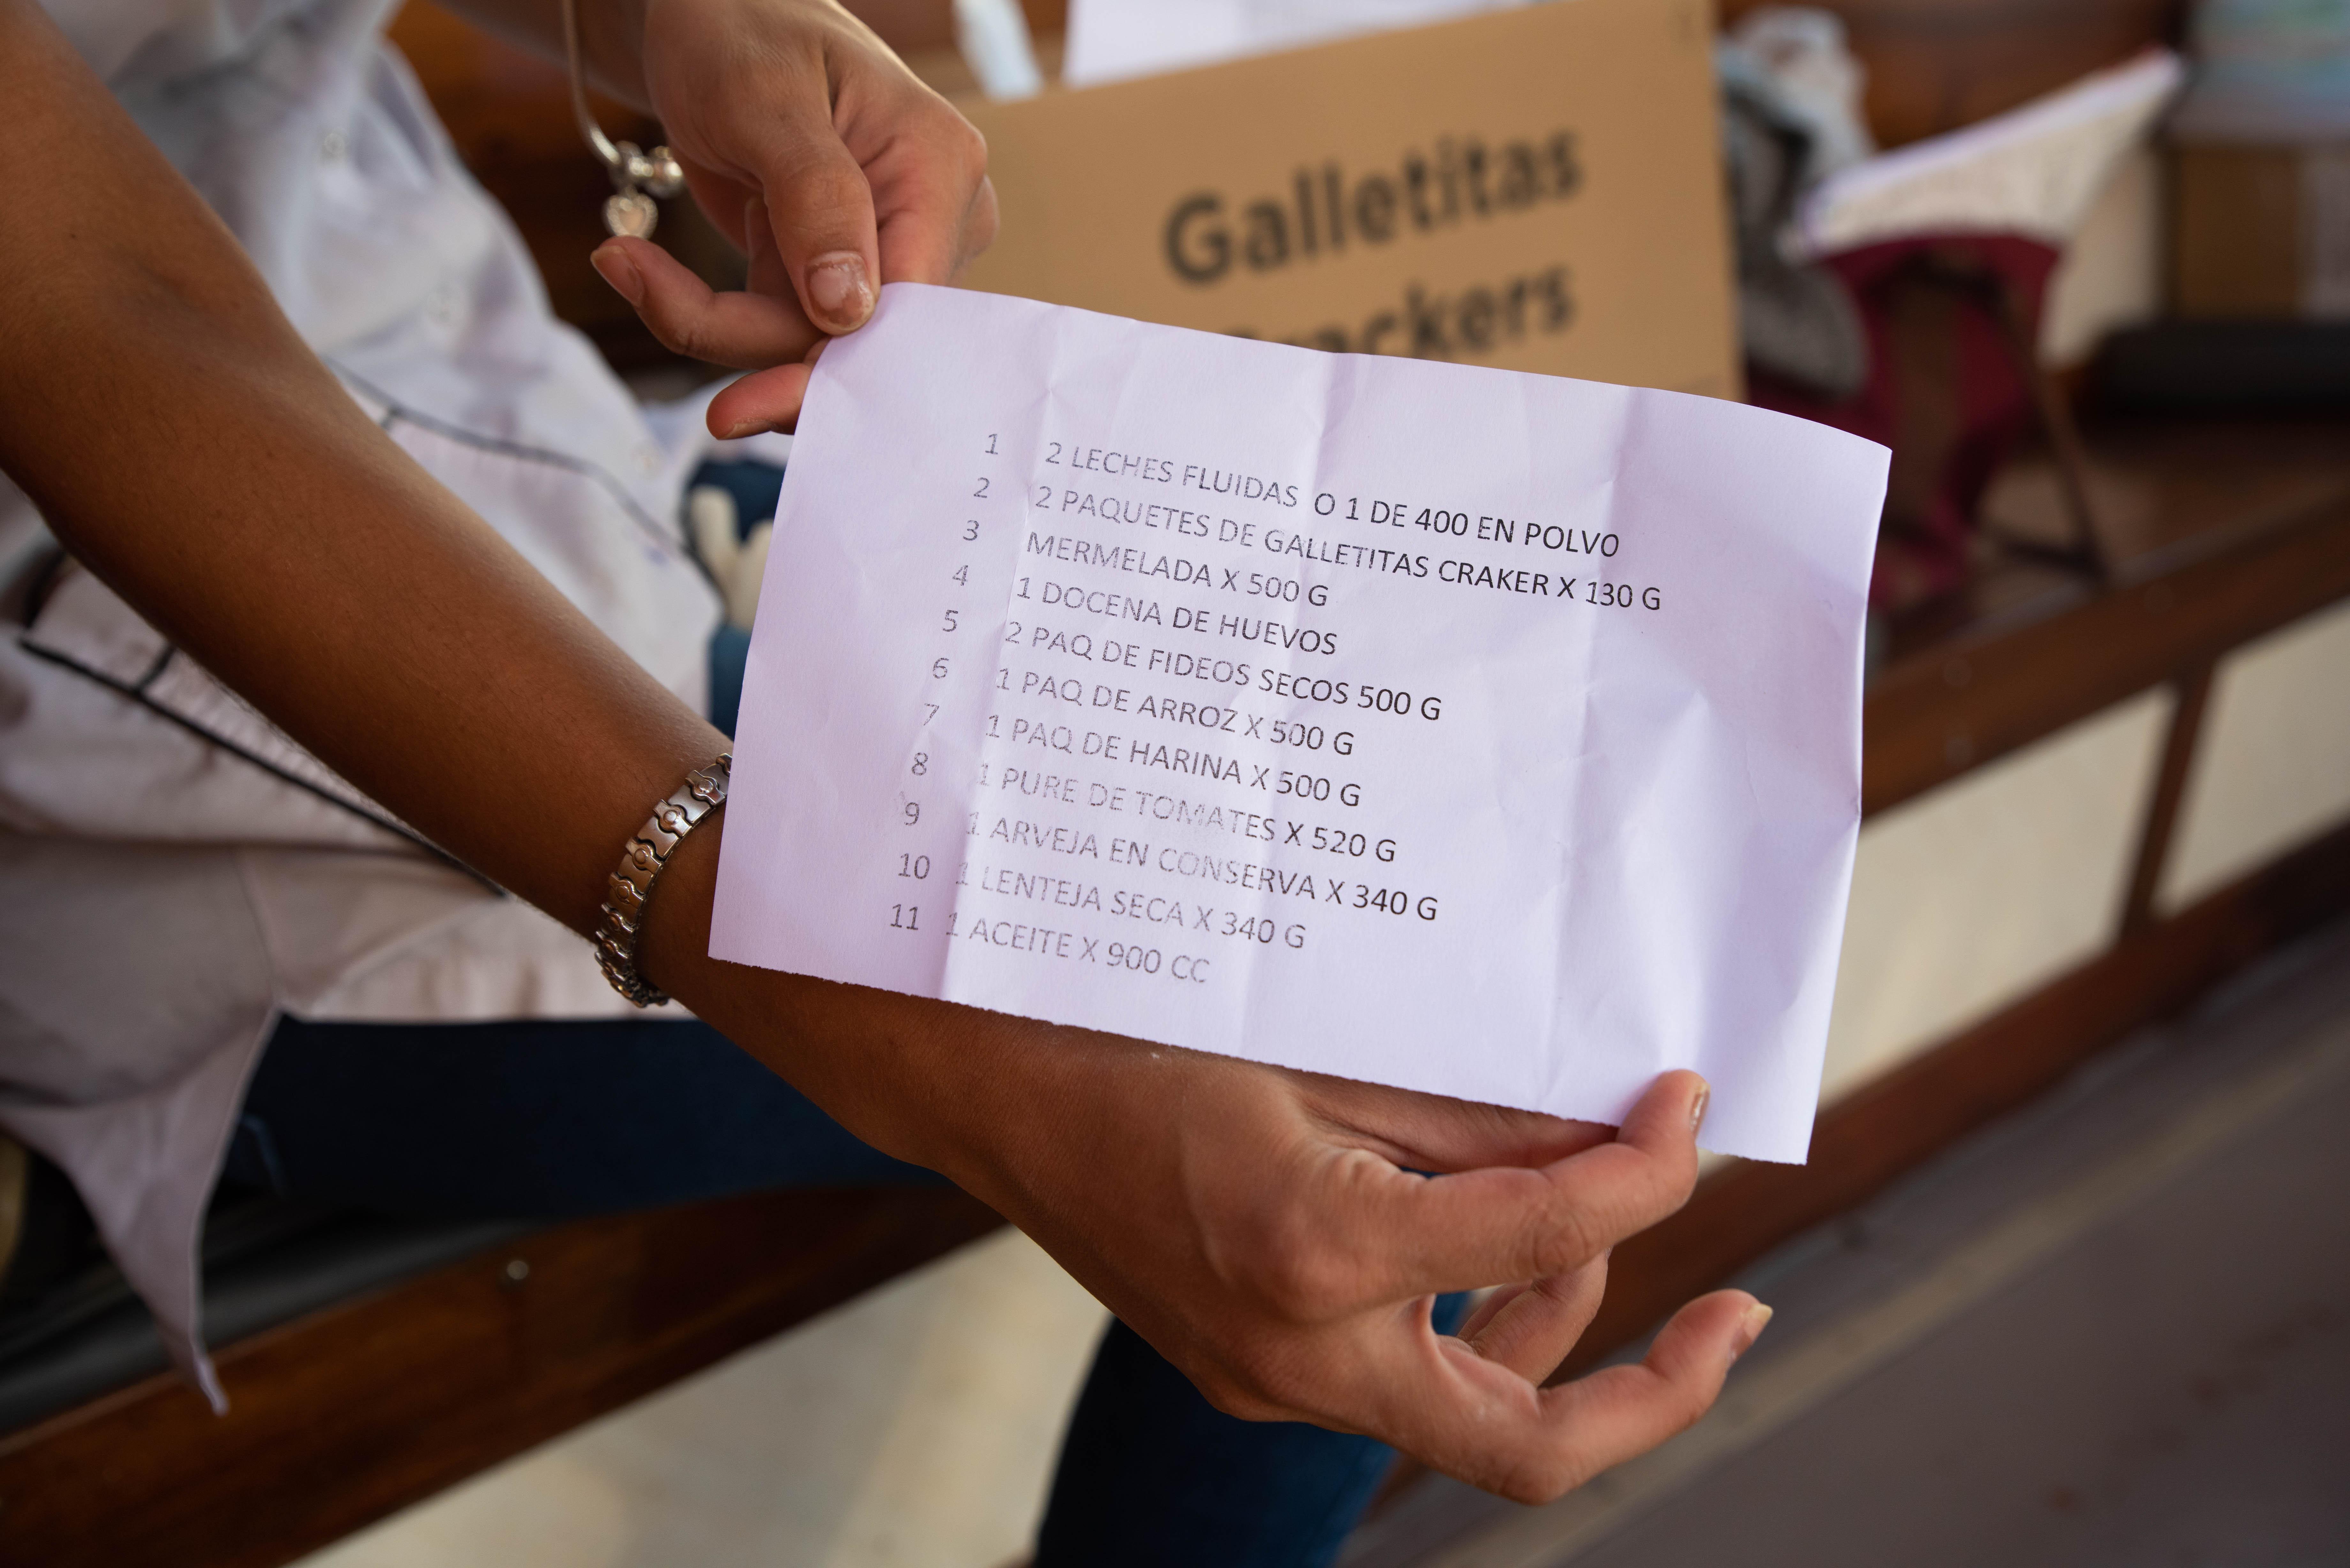 Listado de los alimentos secos que conforman el kit de alimentos entregado por los docentes. (Foto: Franco Fafasuli)